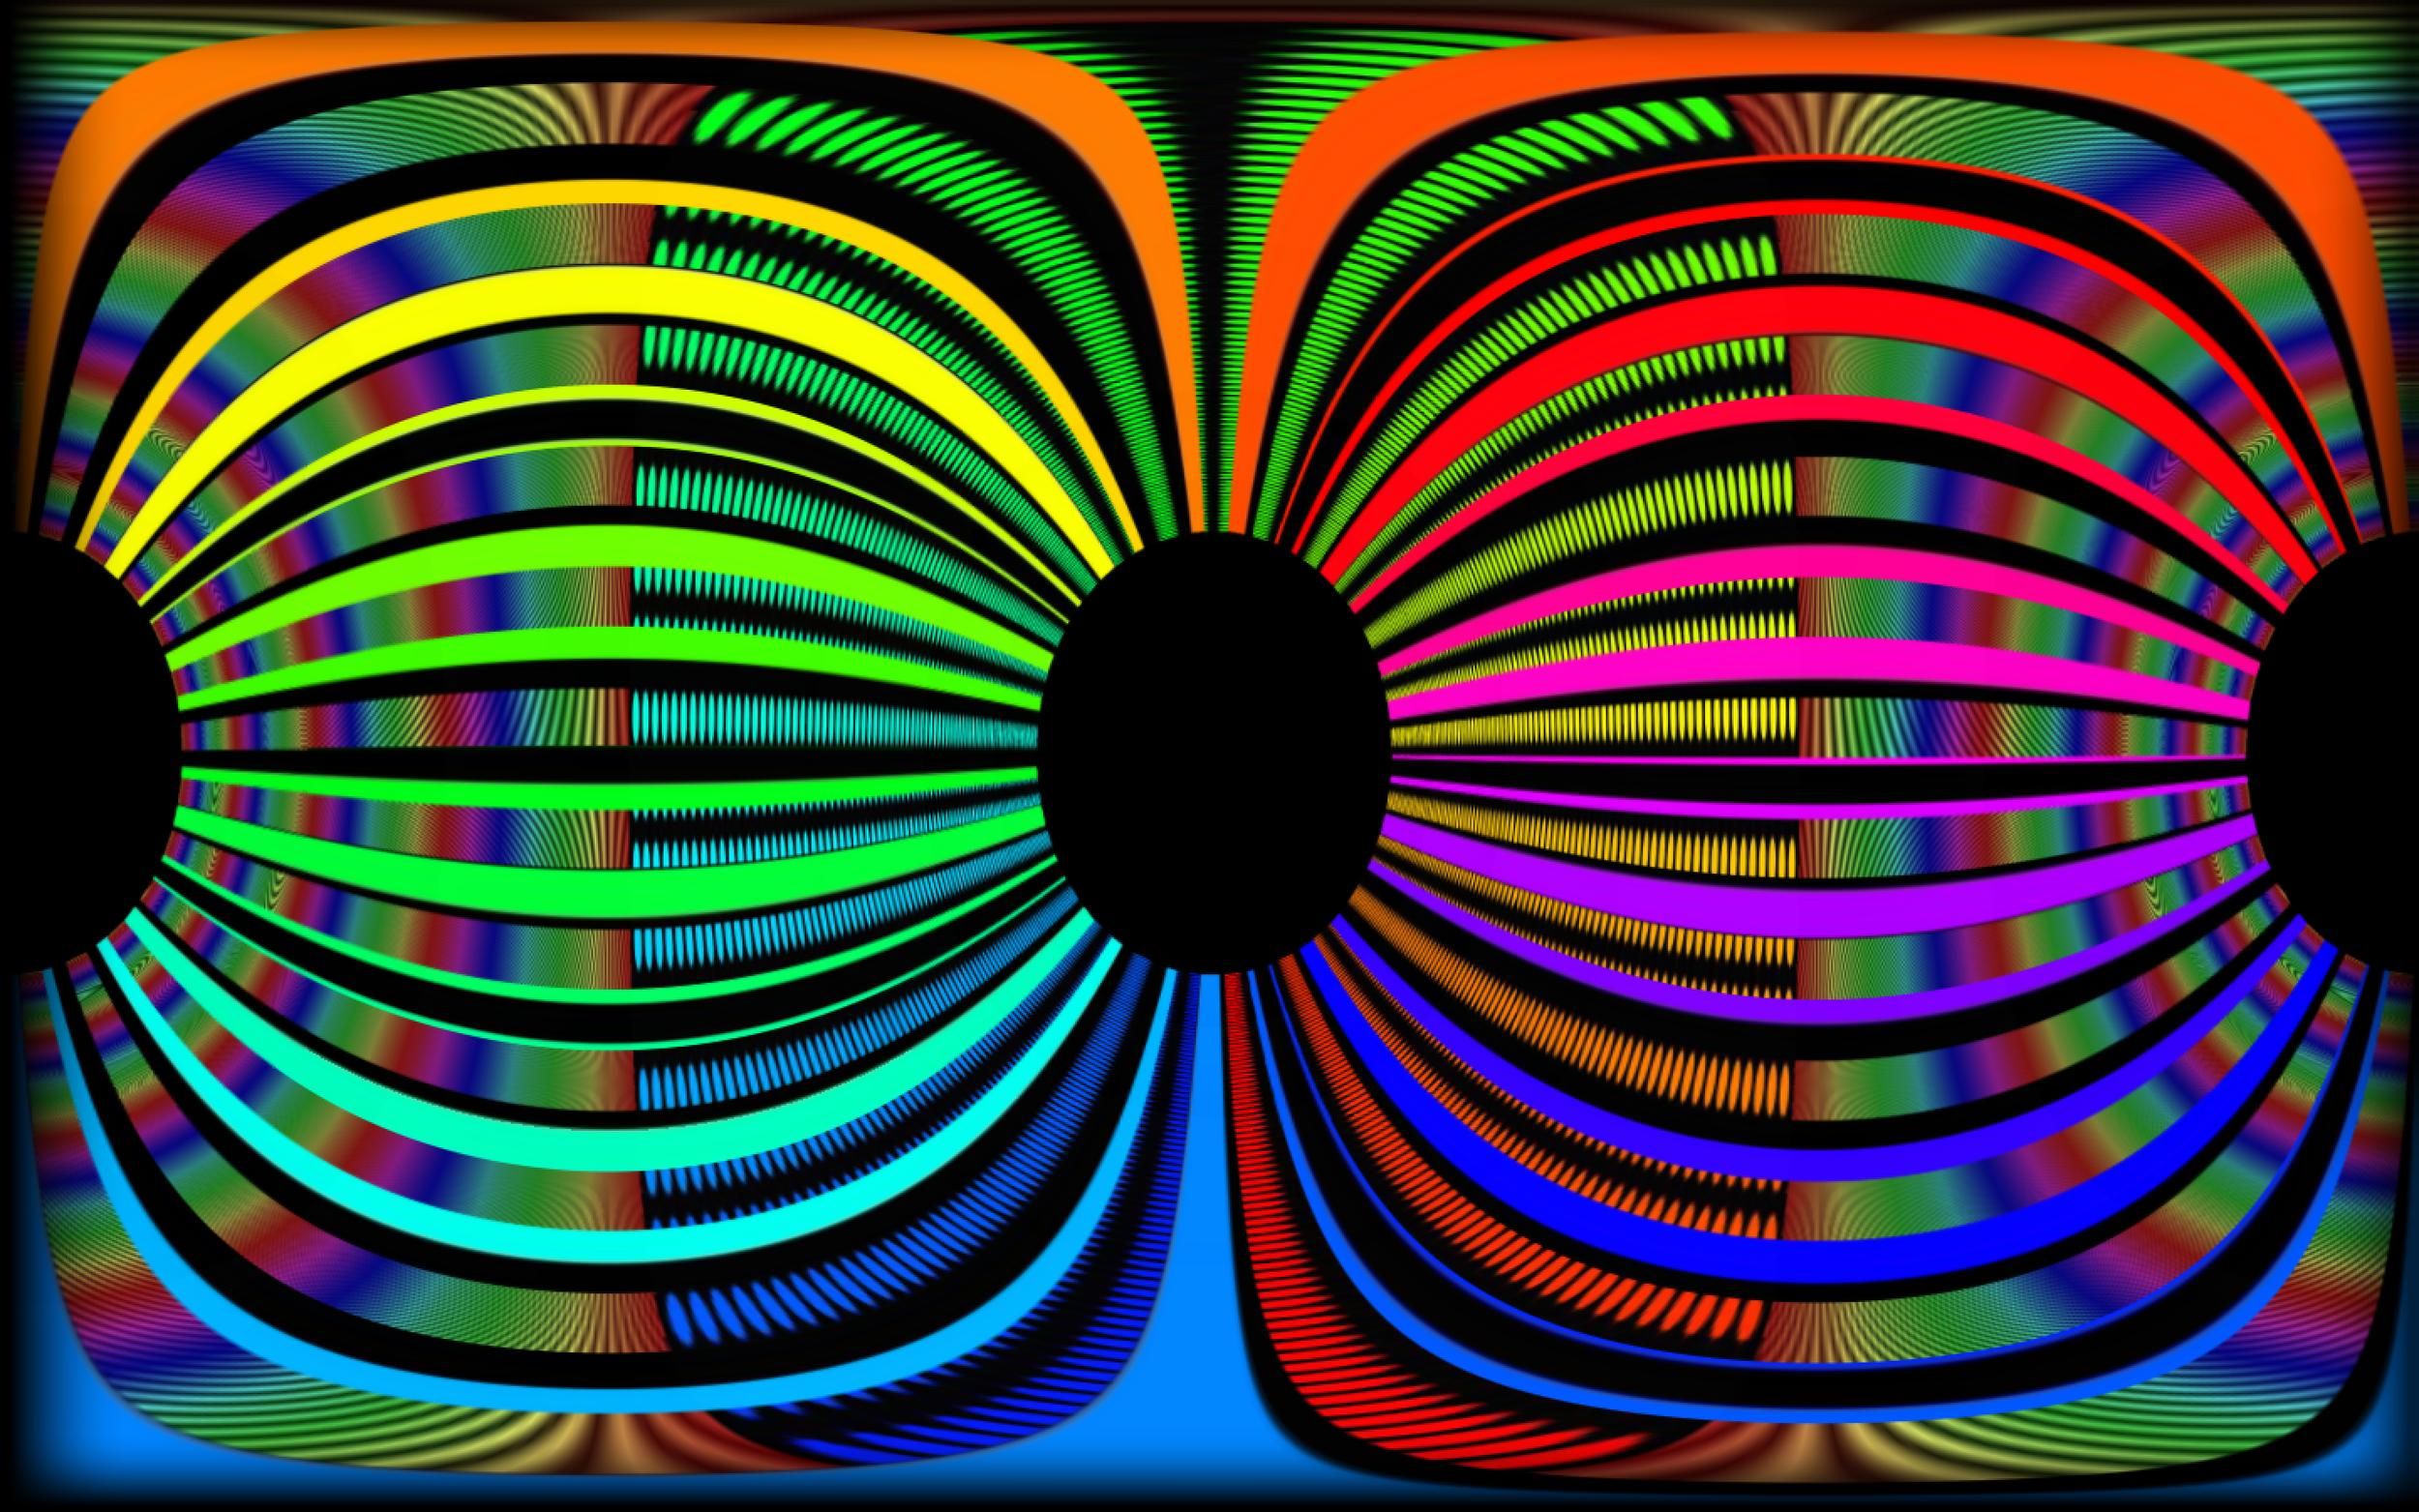 Screen Shot 2013-12-13 at 9.20.18 PM.png